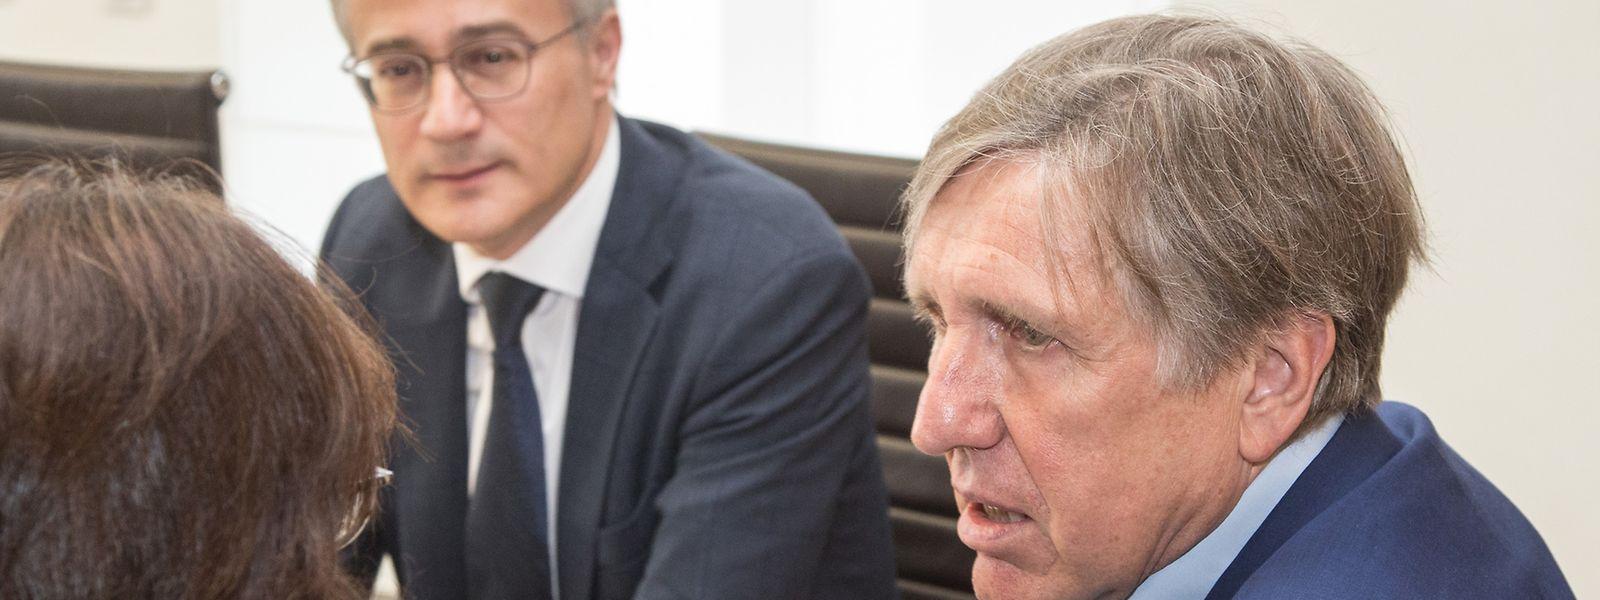 Justizminister Felix Braz und Polizeiminister François Bausch (beide Déi Gréng) standen den Abgeordneten während dreieinhalb Stunden zur Zentraldatei der Polizei, bzw. der Staatsanwaltschaft, Rede und Antwort.